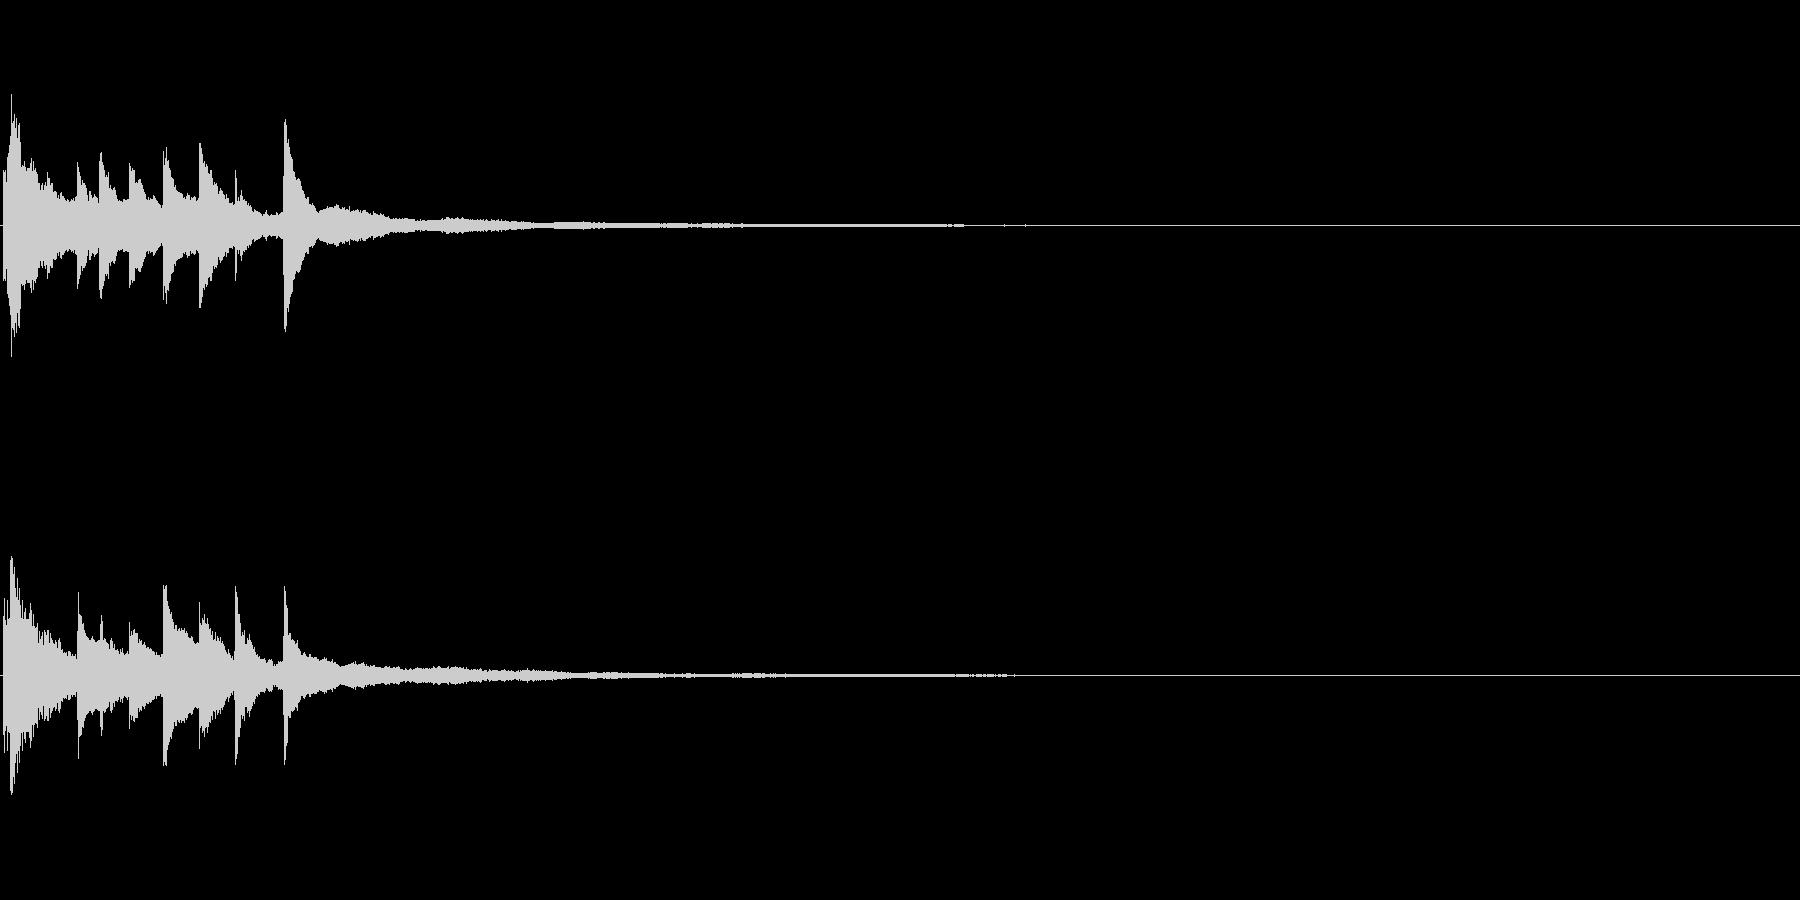 ピアノソロサウンドロゴ 優雅 大人 06の未再生の波形